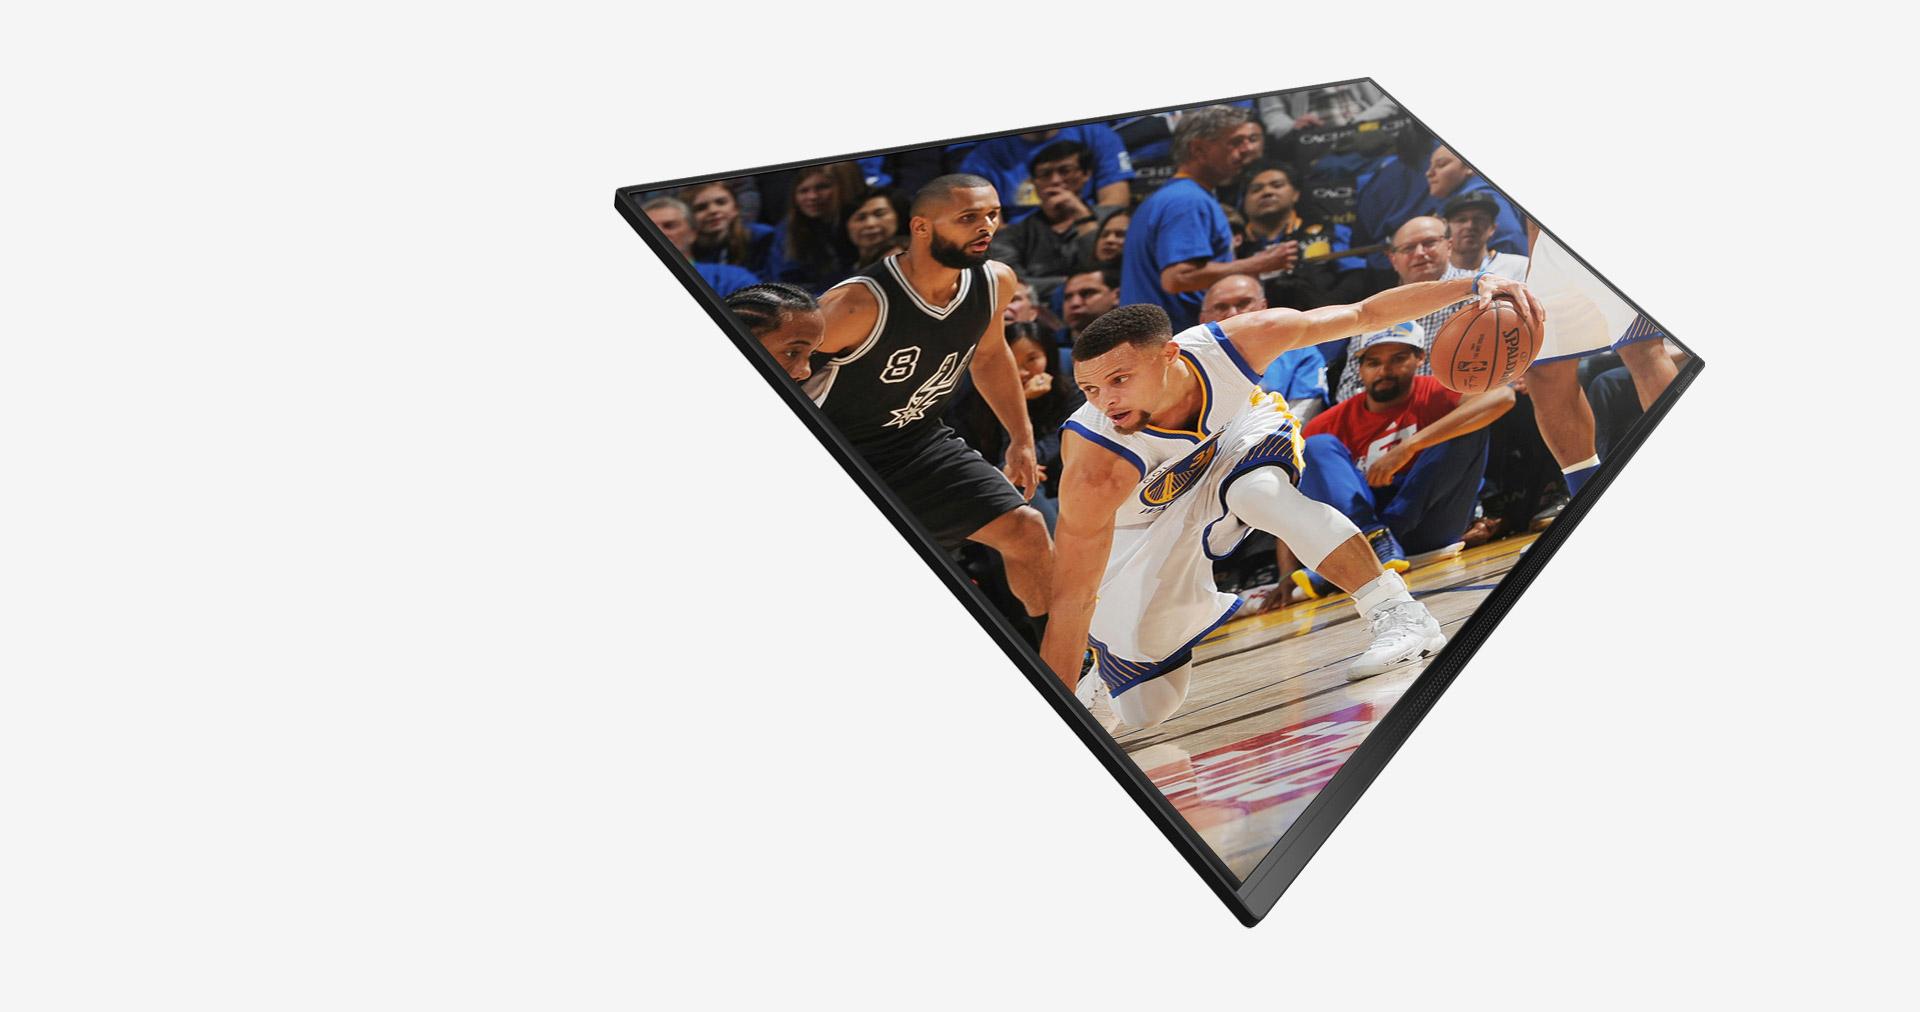 高清NBA比赛-酷开KX55